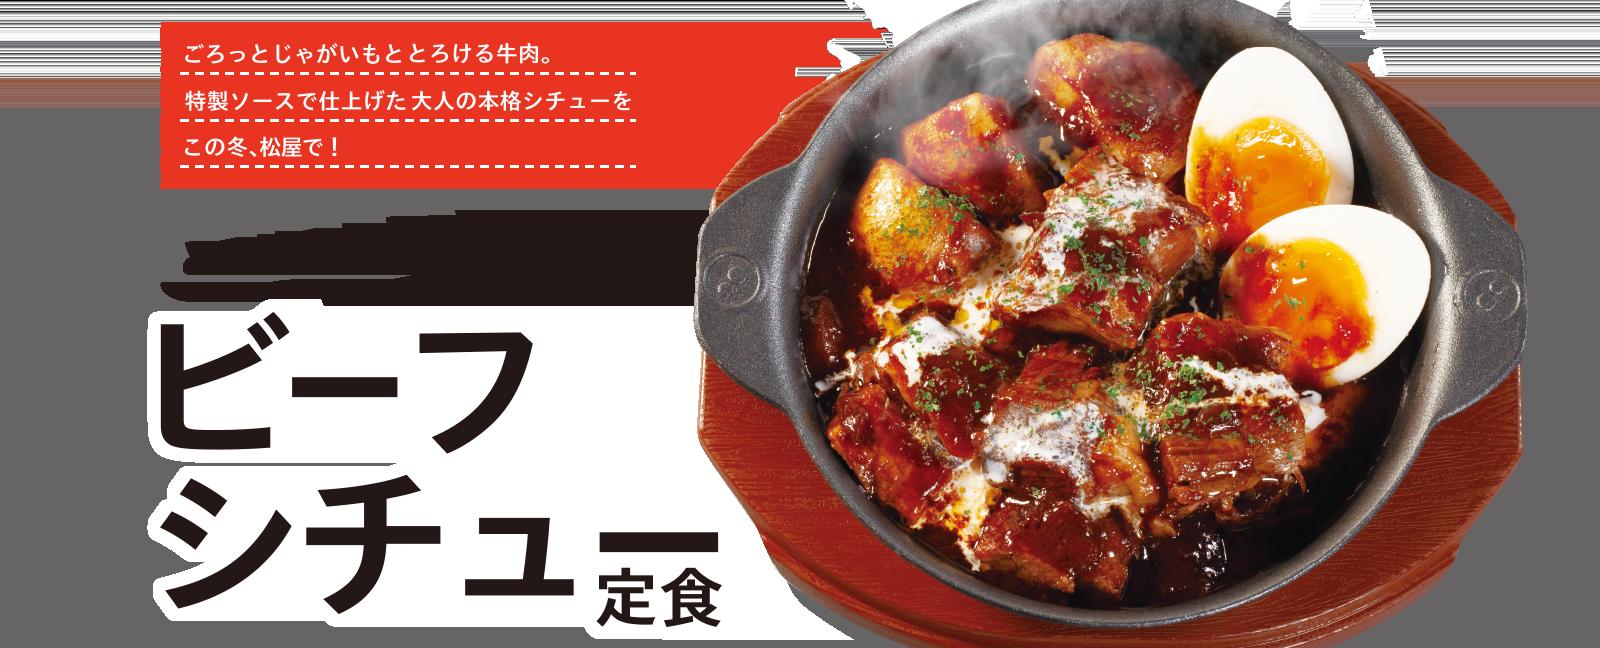 とろけるお肉のビーフシチュー定食発売!